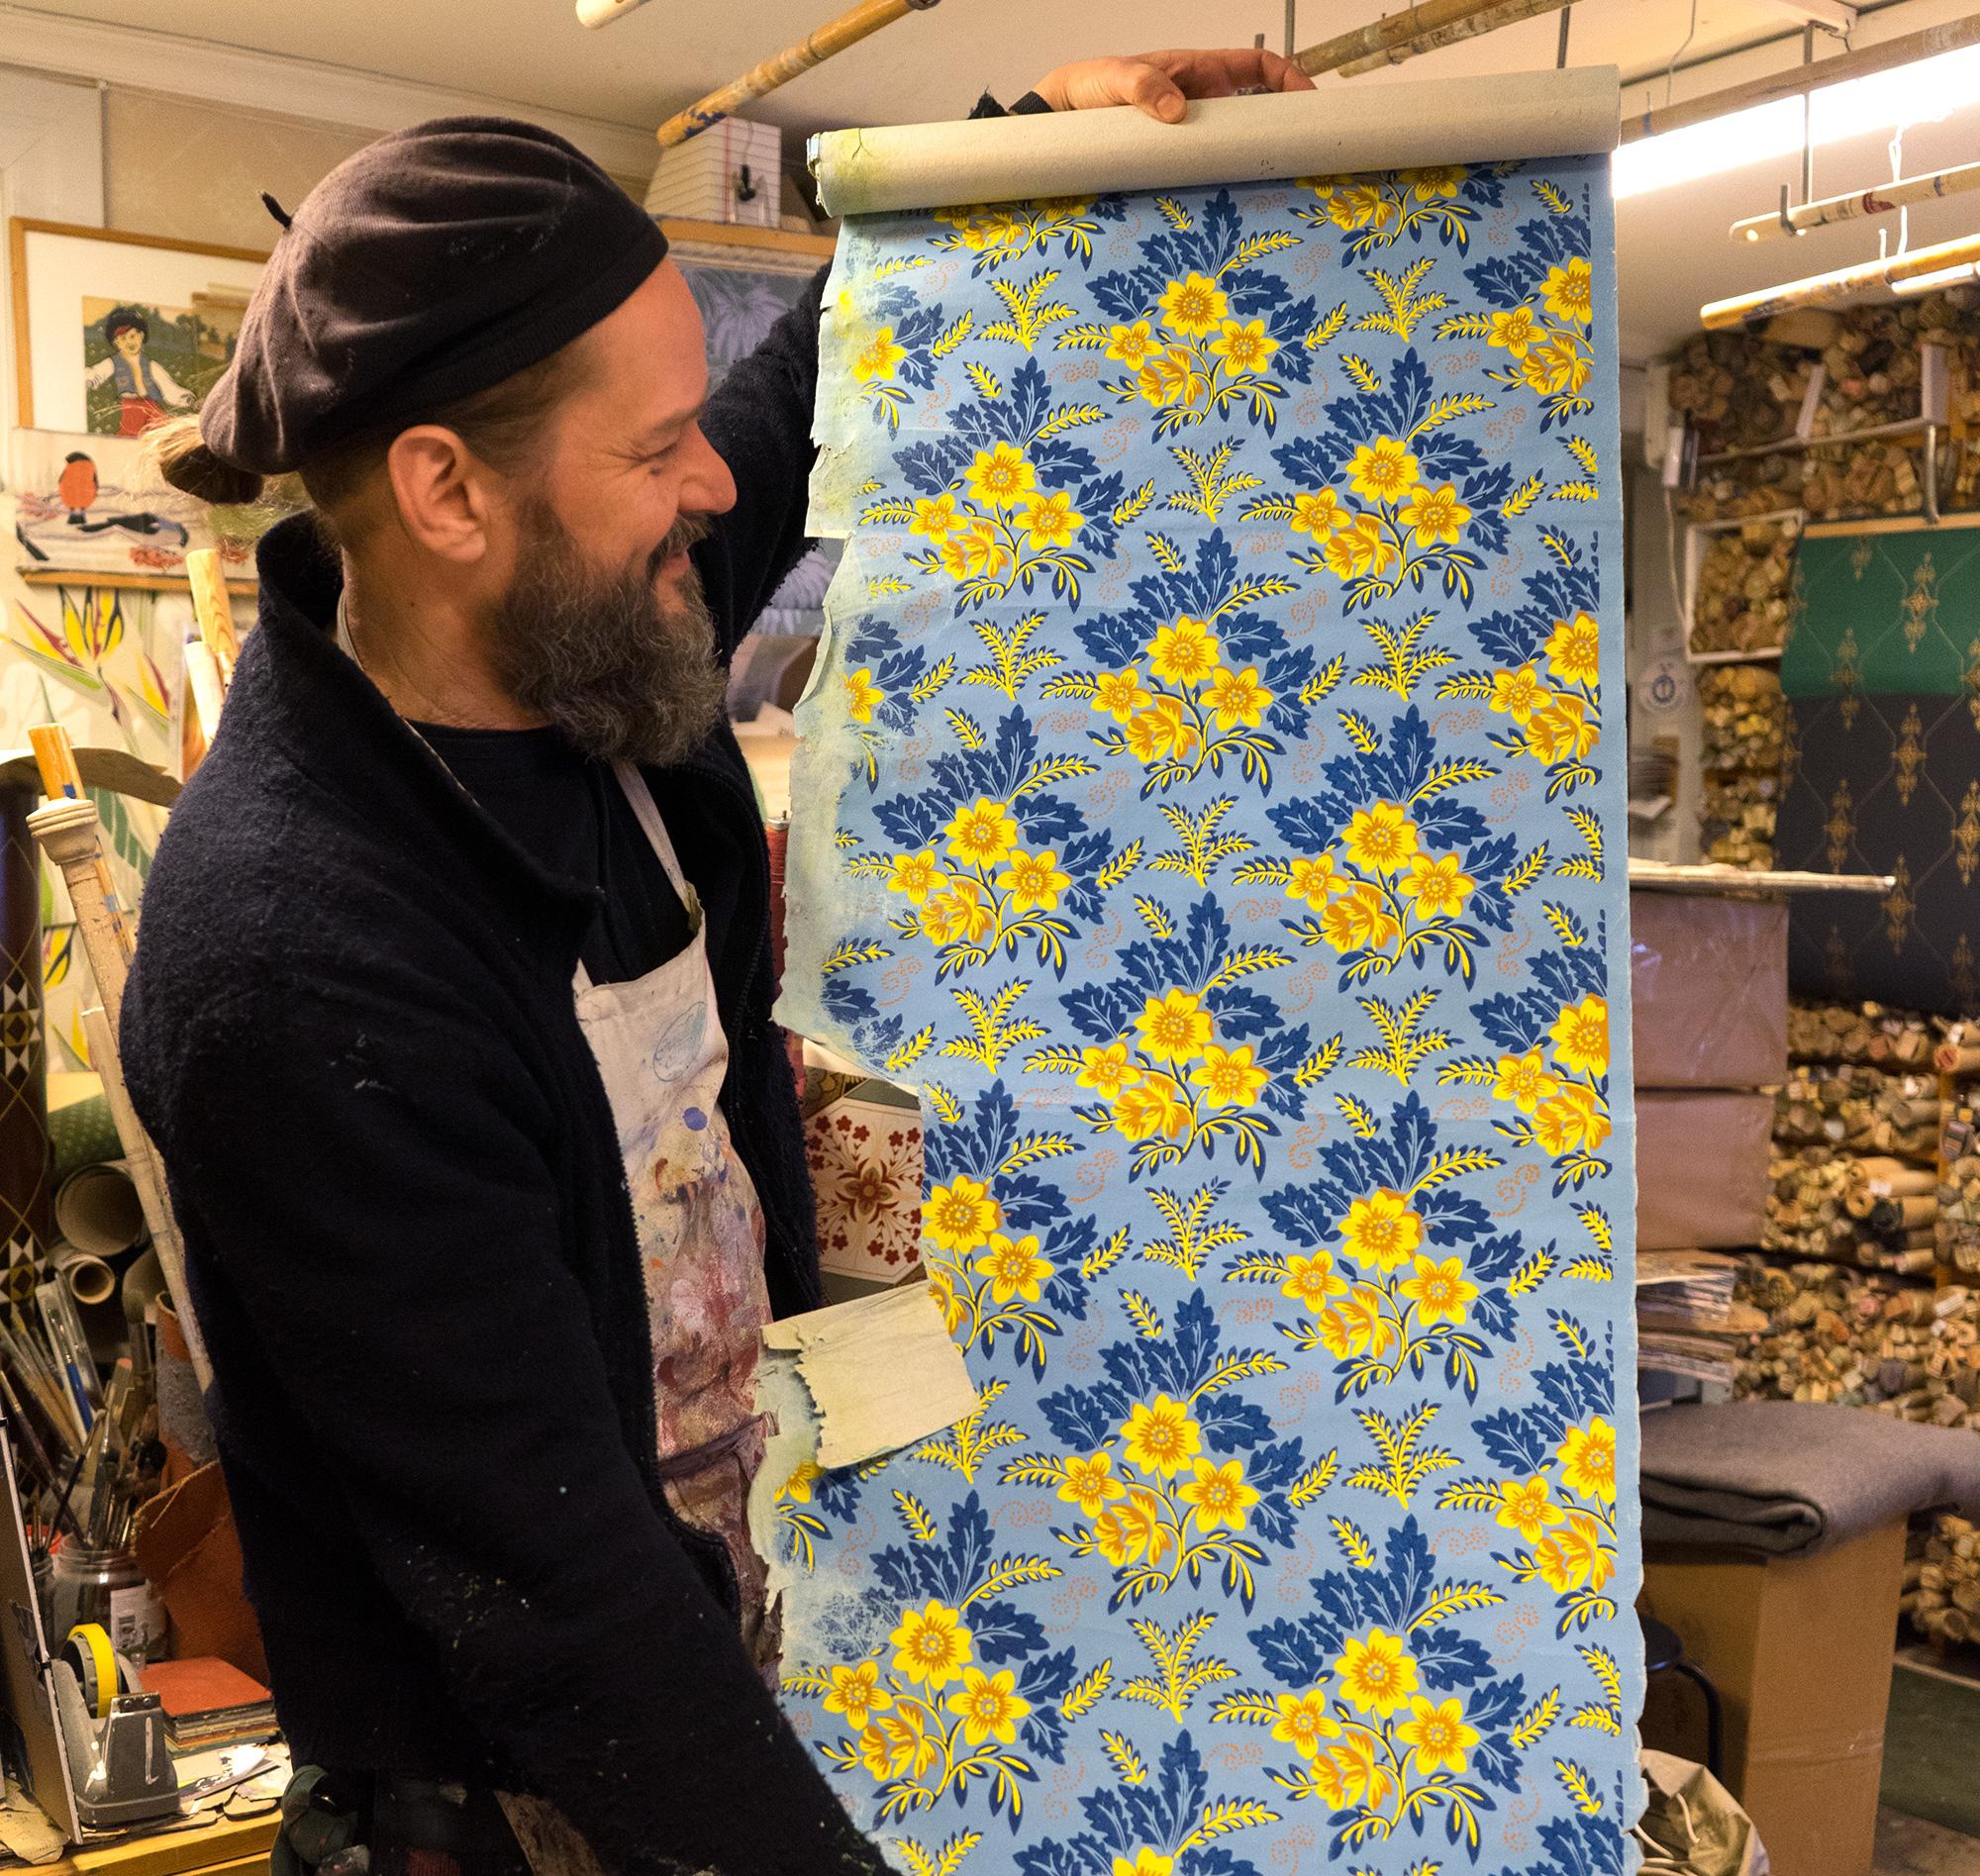 Peter på Handtryckta tapeter håller upp en tapetvåd. Foto: Daniela Auerbach